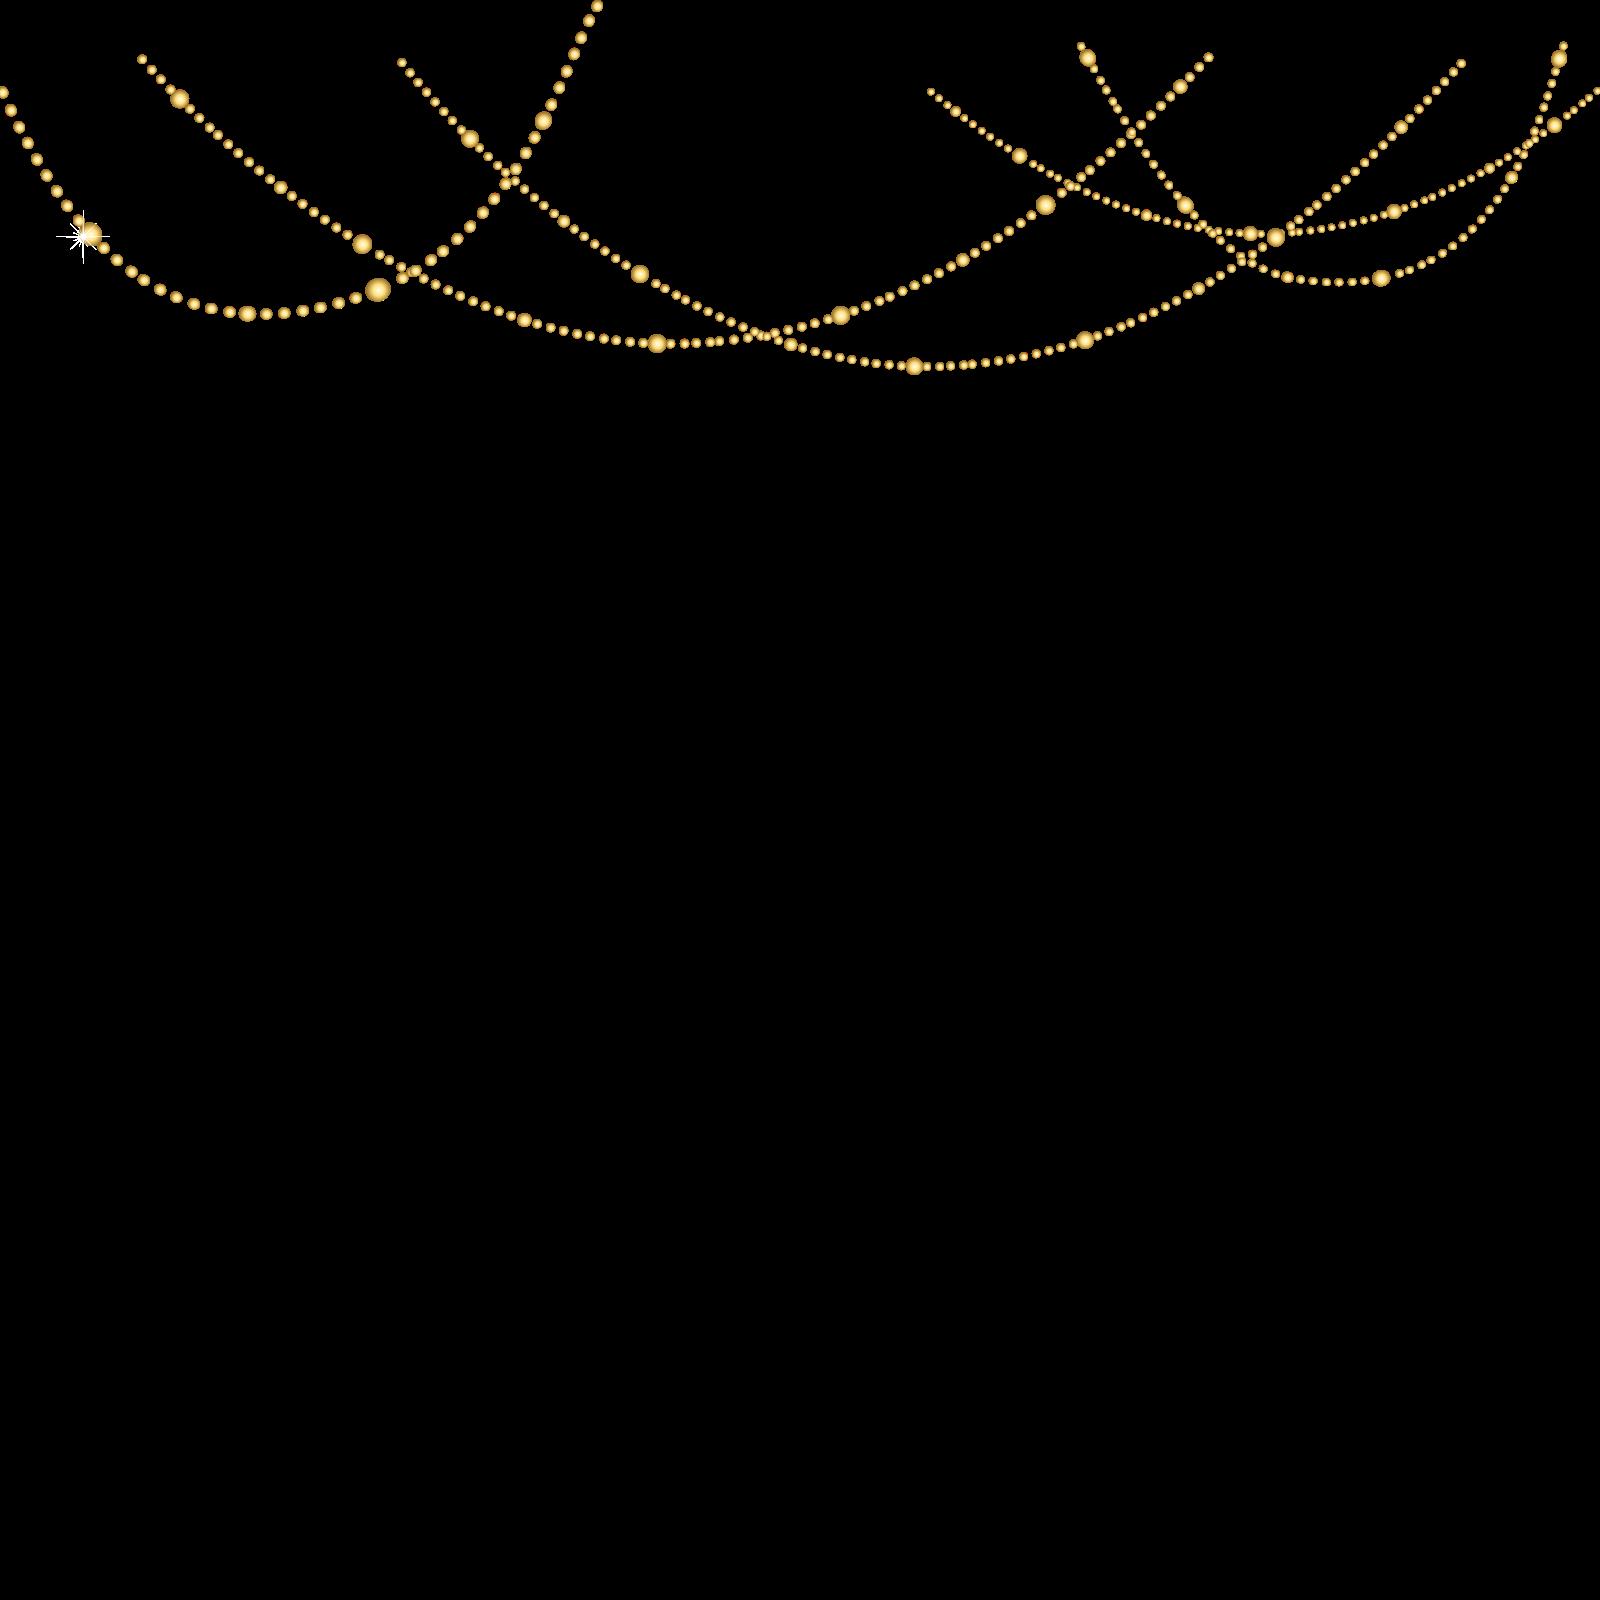 تعاطف حرم حاصل على ميدالية اطار اضاءة ذهبي Png Ballermann 6 Org